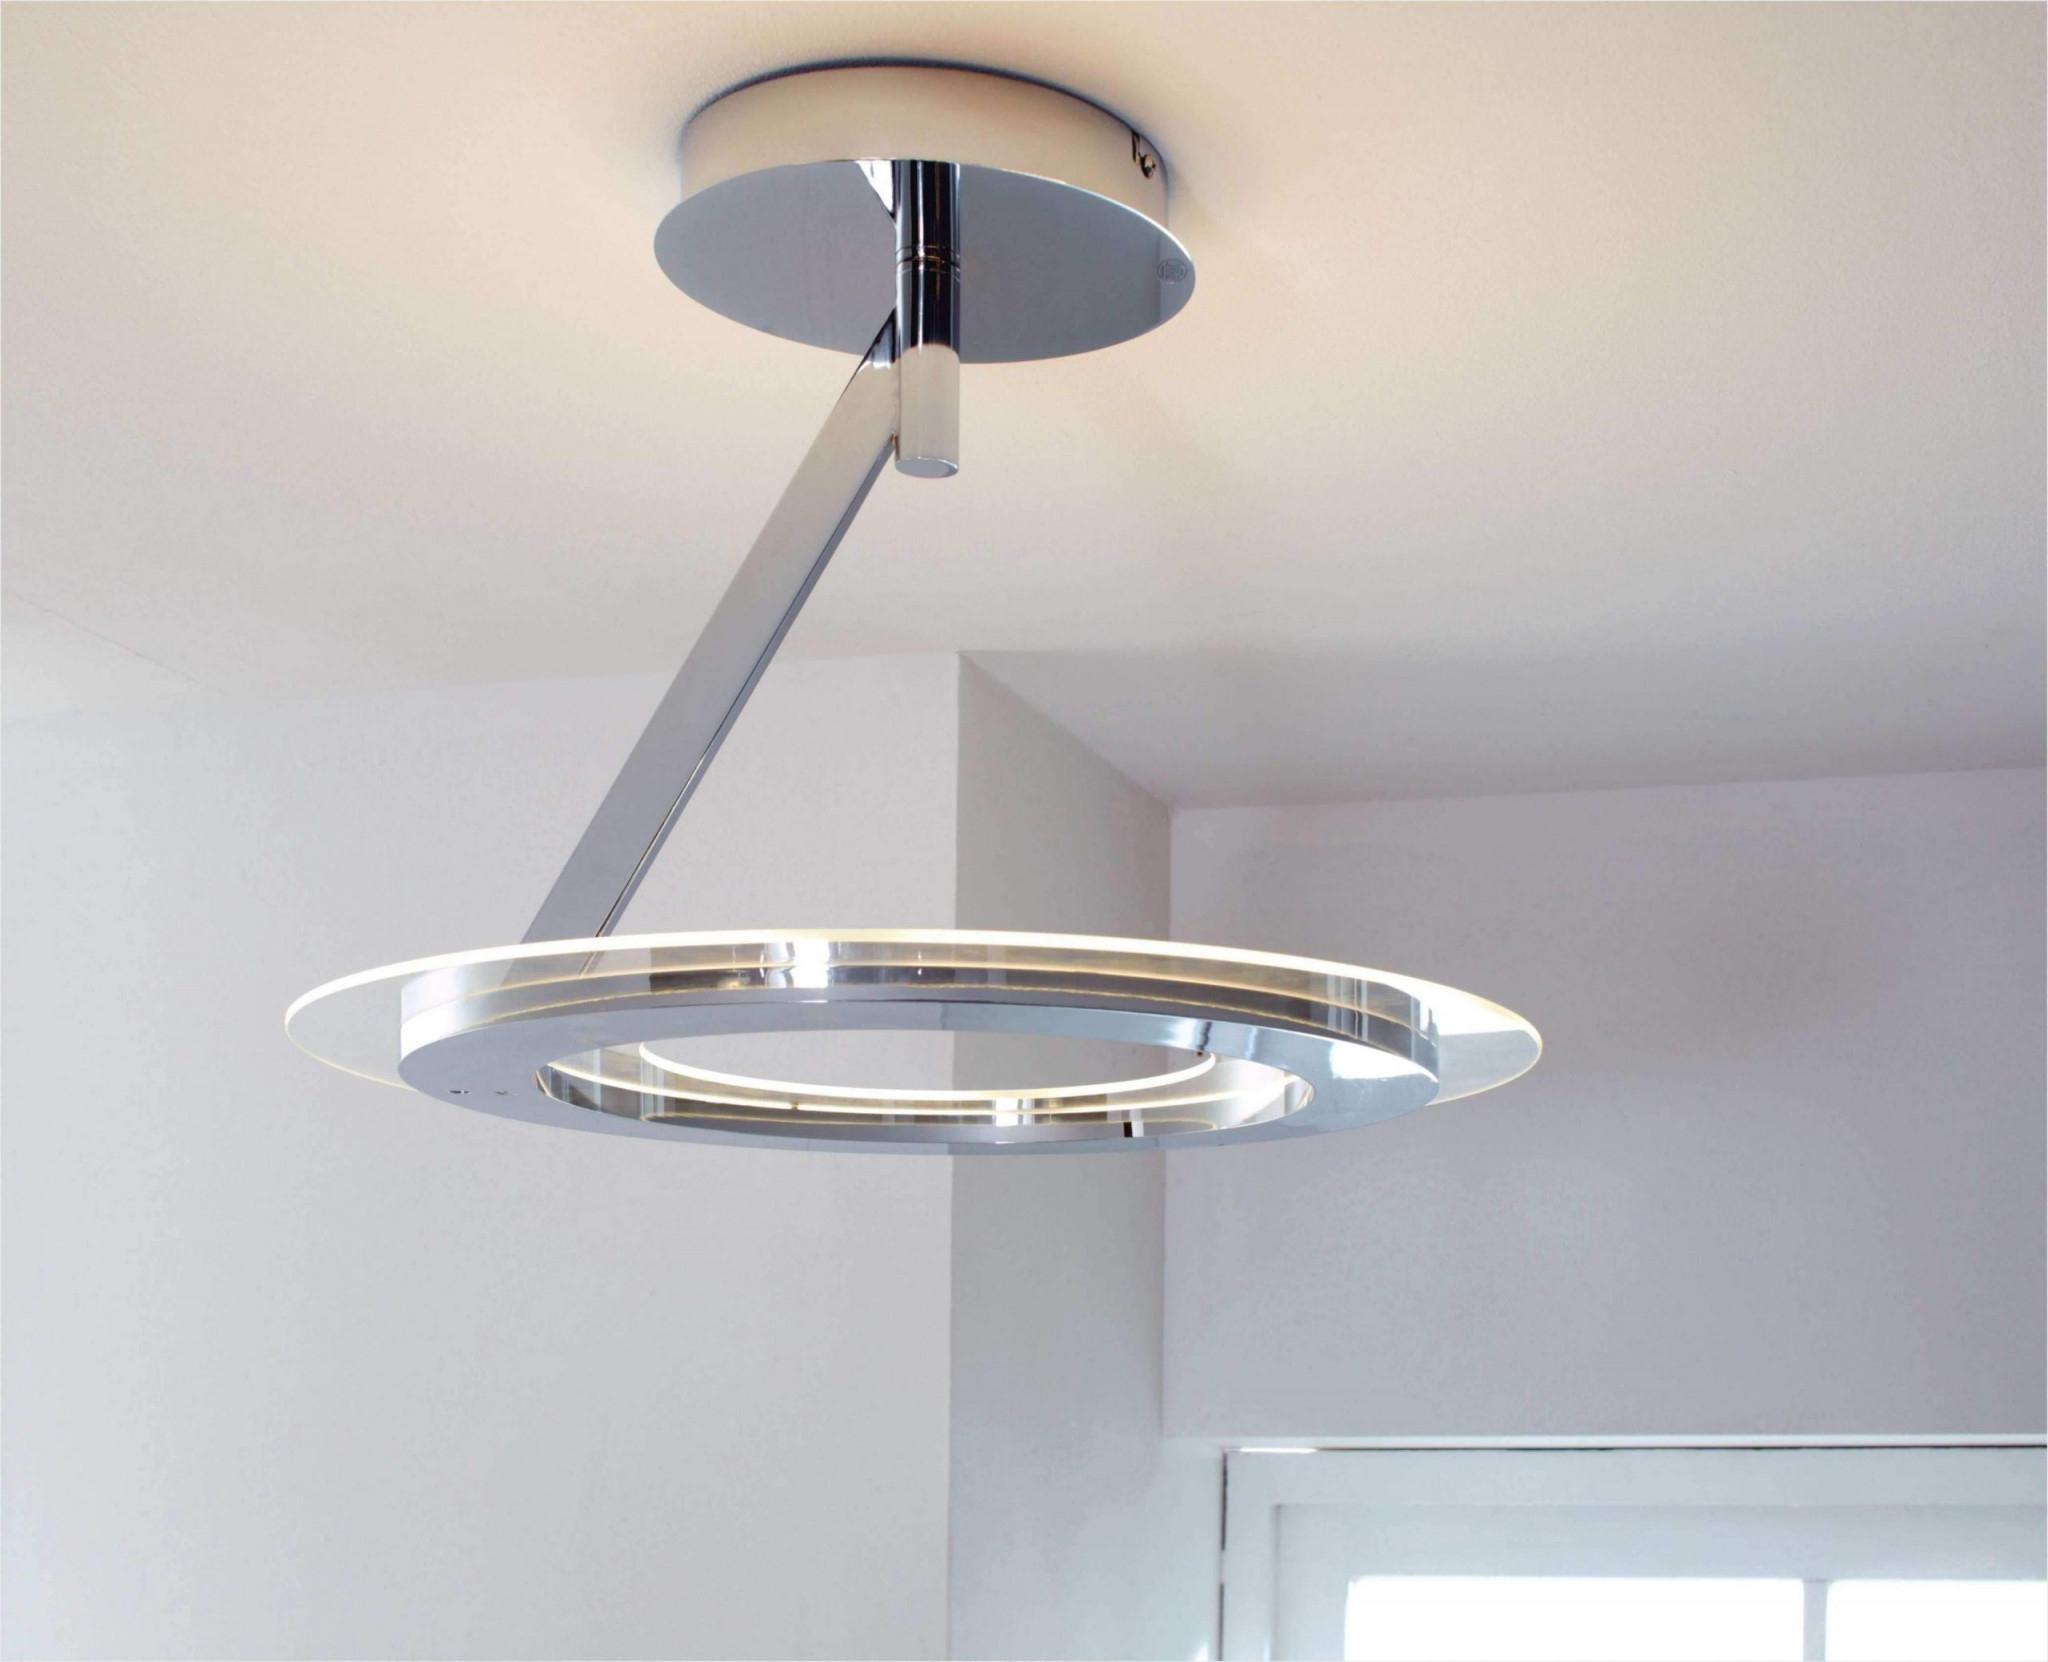 35 Luxus Wohnzimmer Deckenleuchte Modern Reizend von Deckenlampe Modern Wohnzimmer Photo